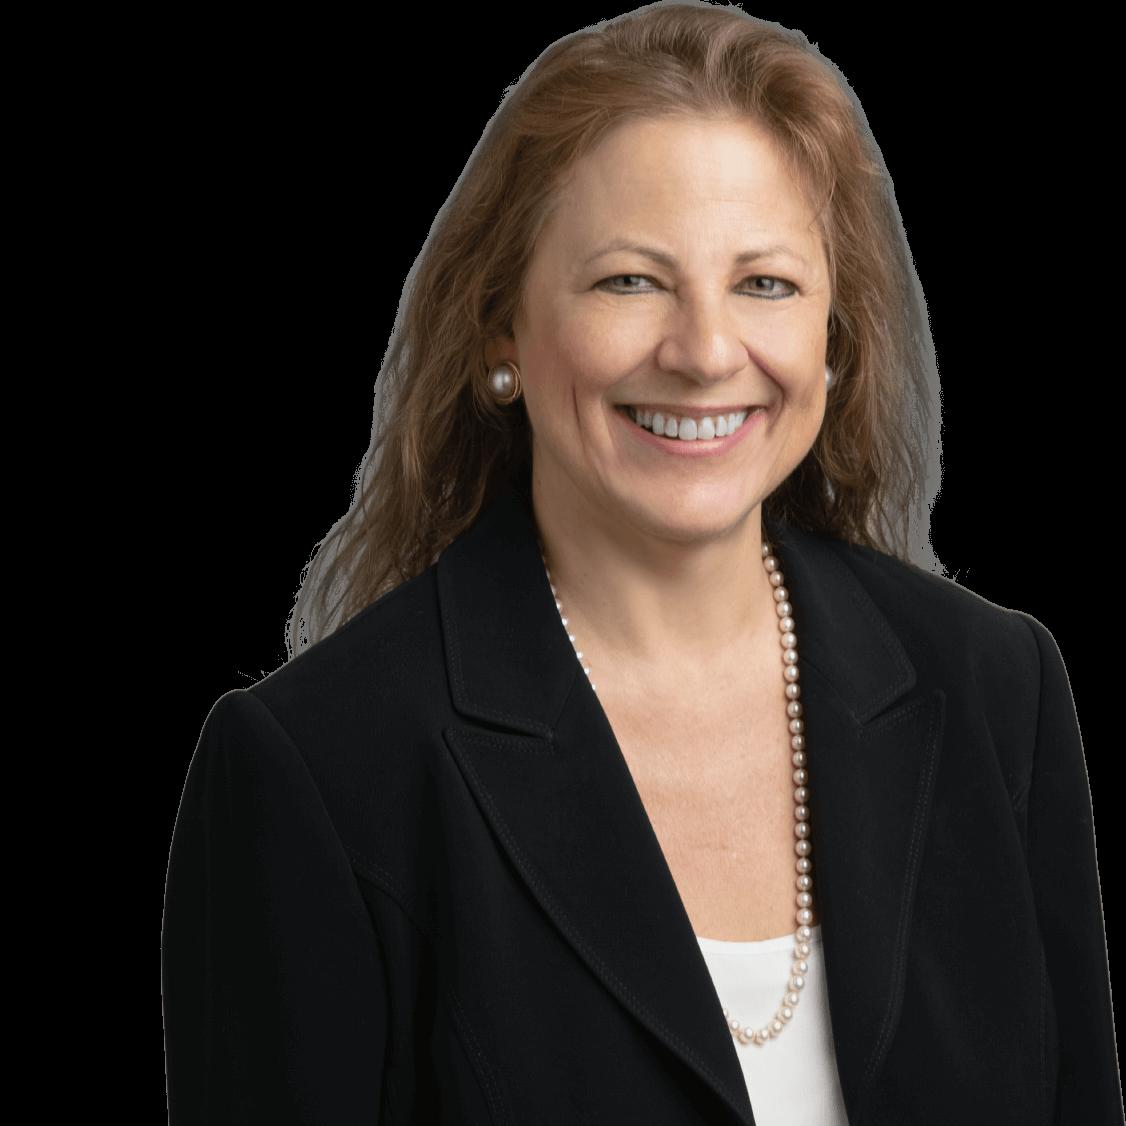 Wendy E. Ackerman